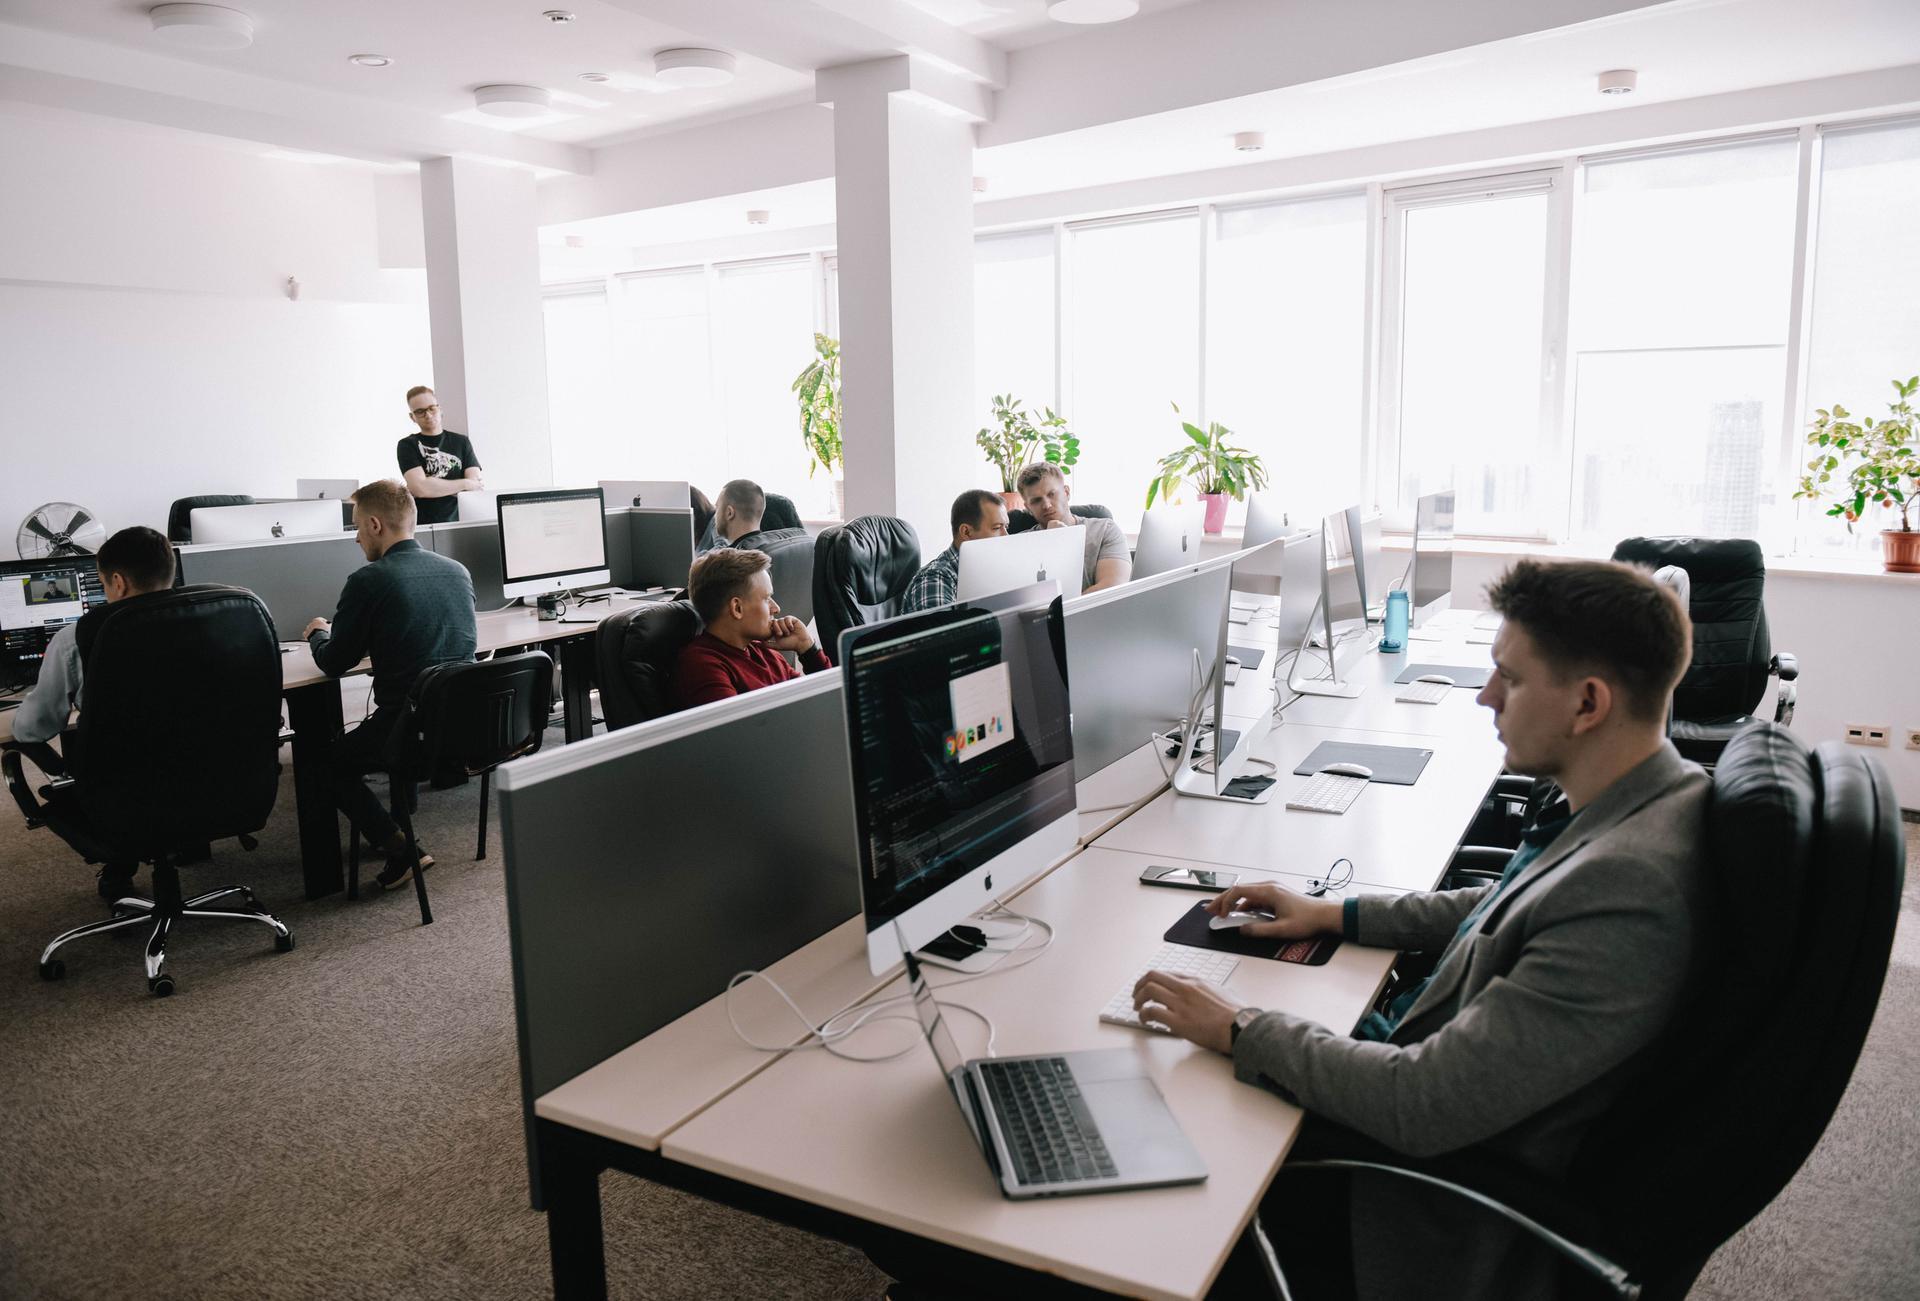 Web Application Development in 2021